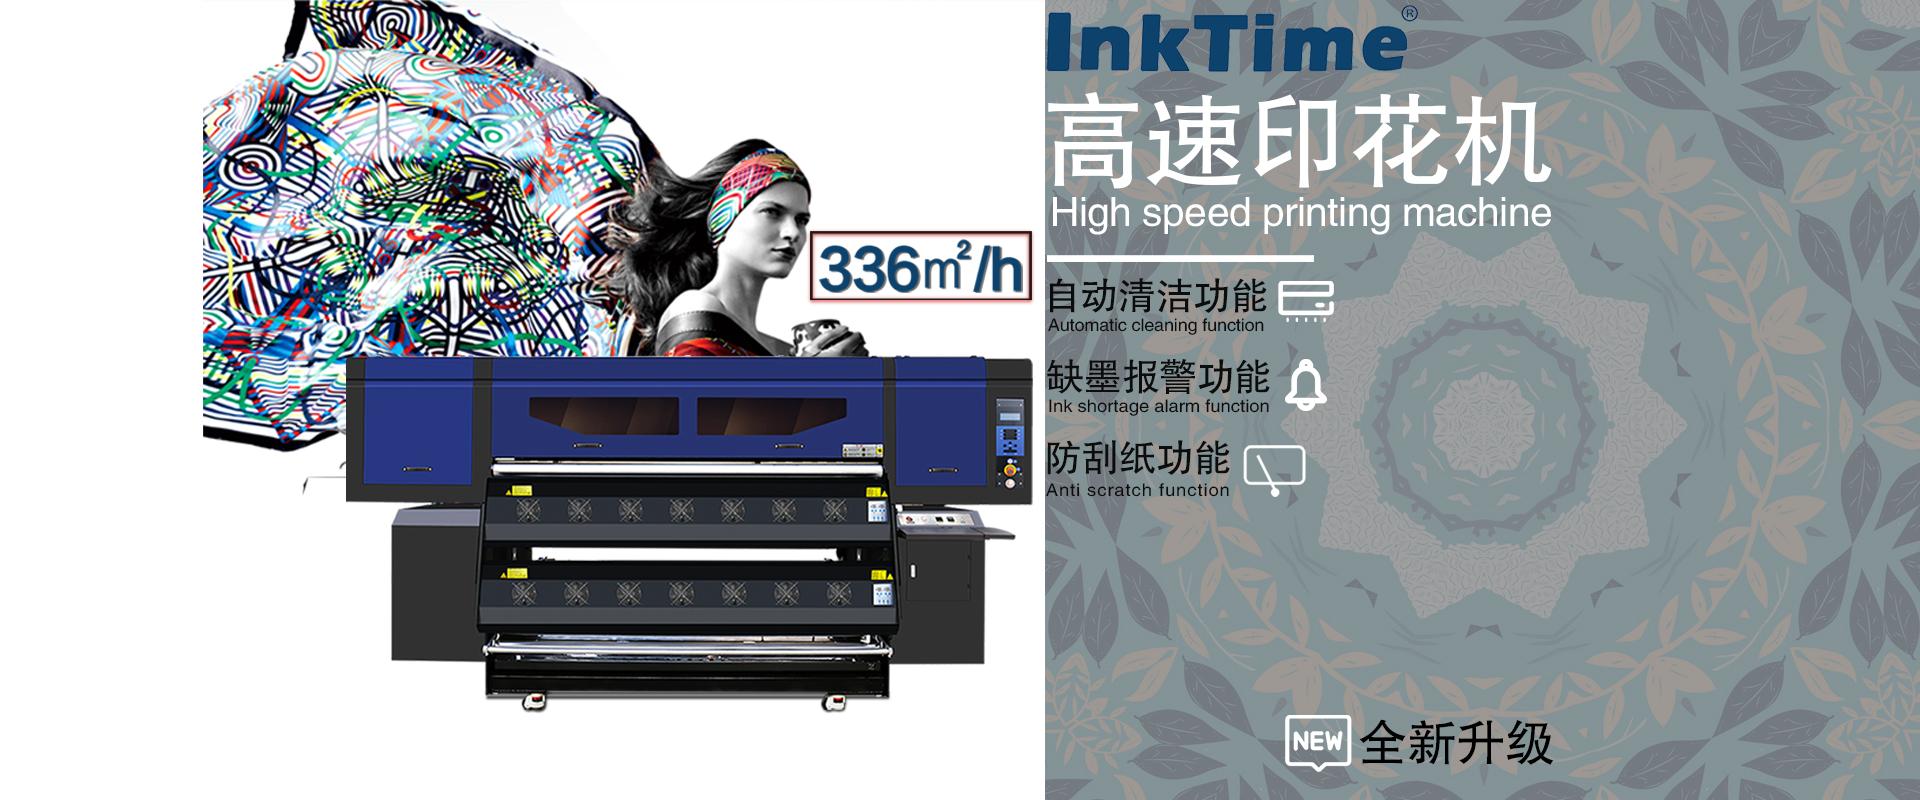 高速数码印花打印机